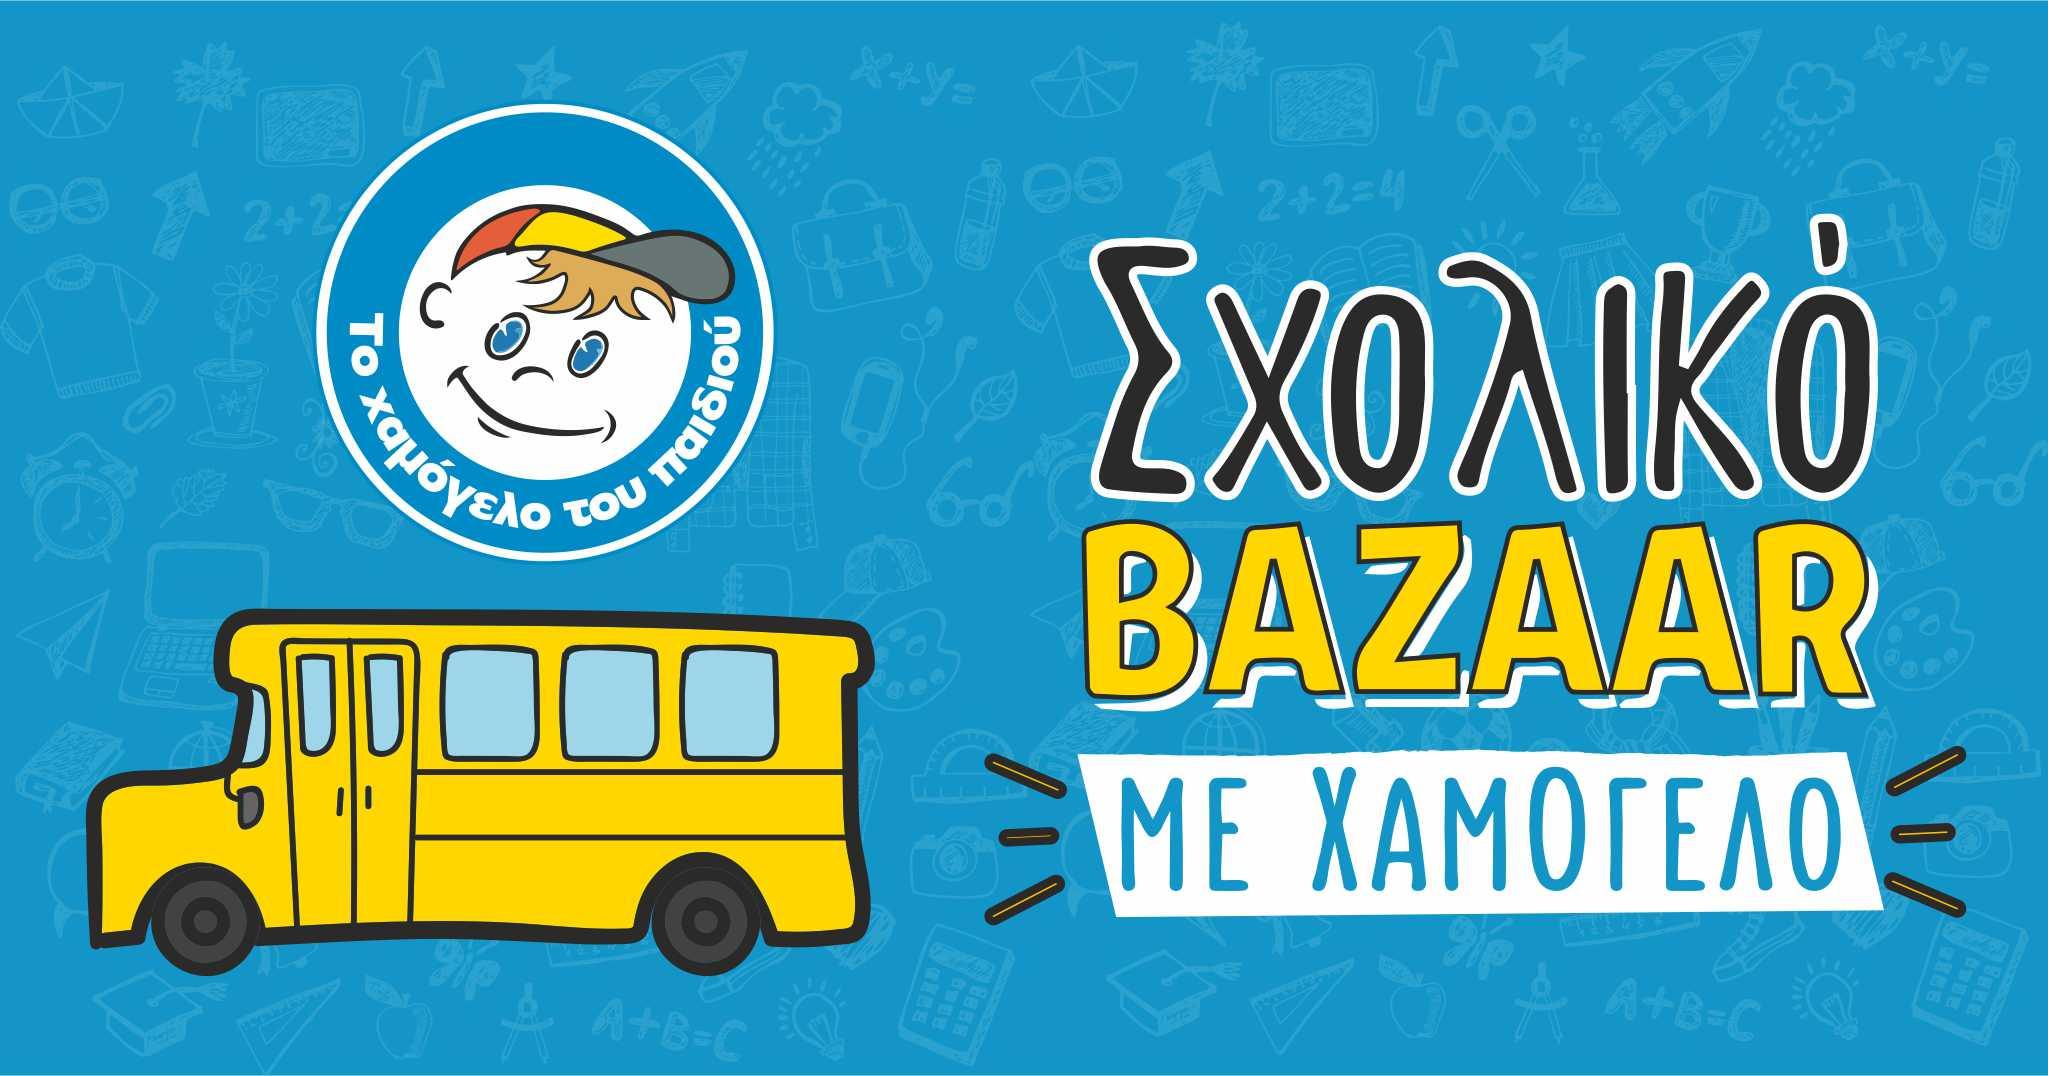 Γιάννενα: Σχολικό bazaar από το Χαμόγελο του Παιδιού στα Ιωάννινα